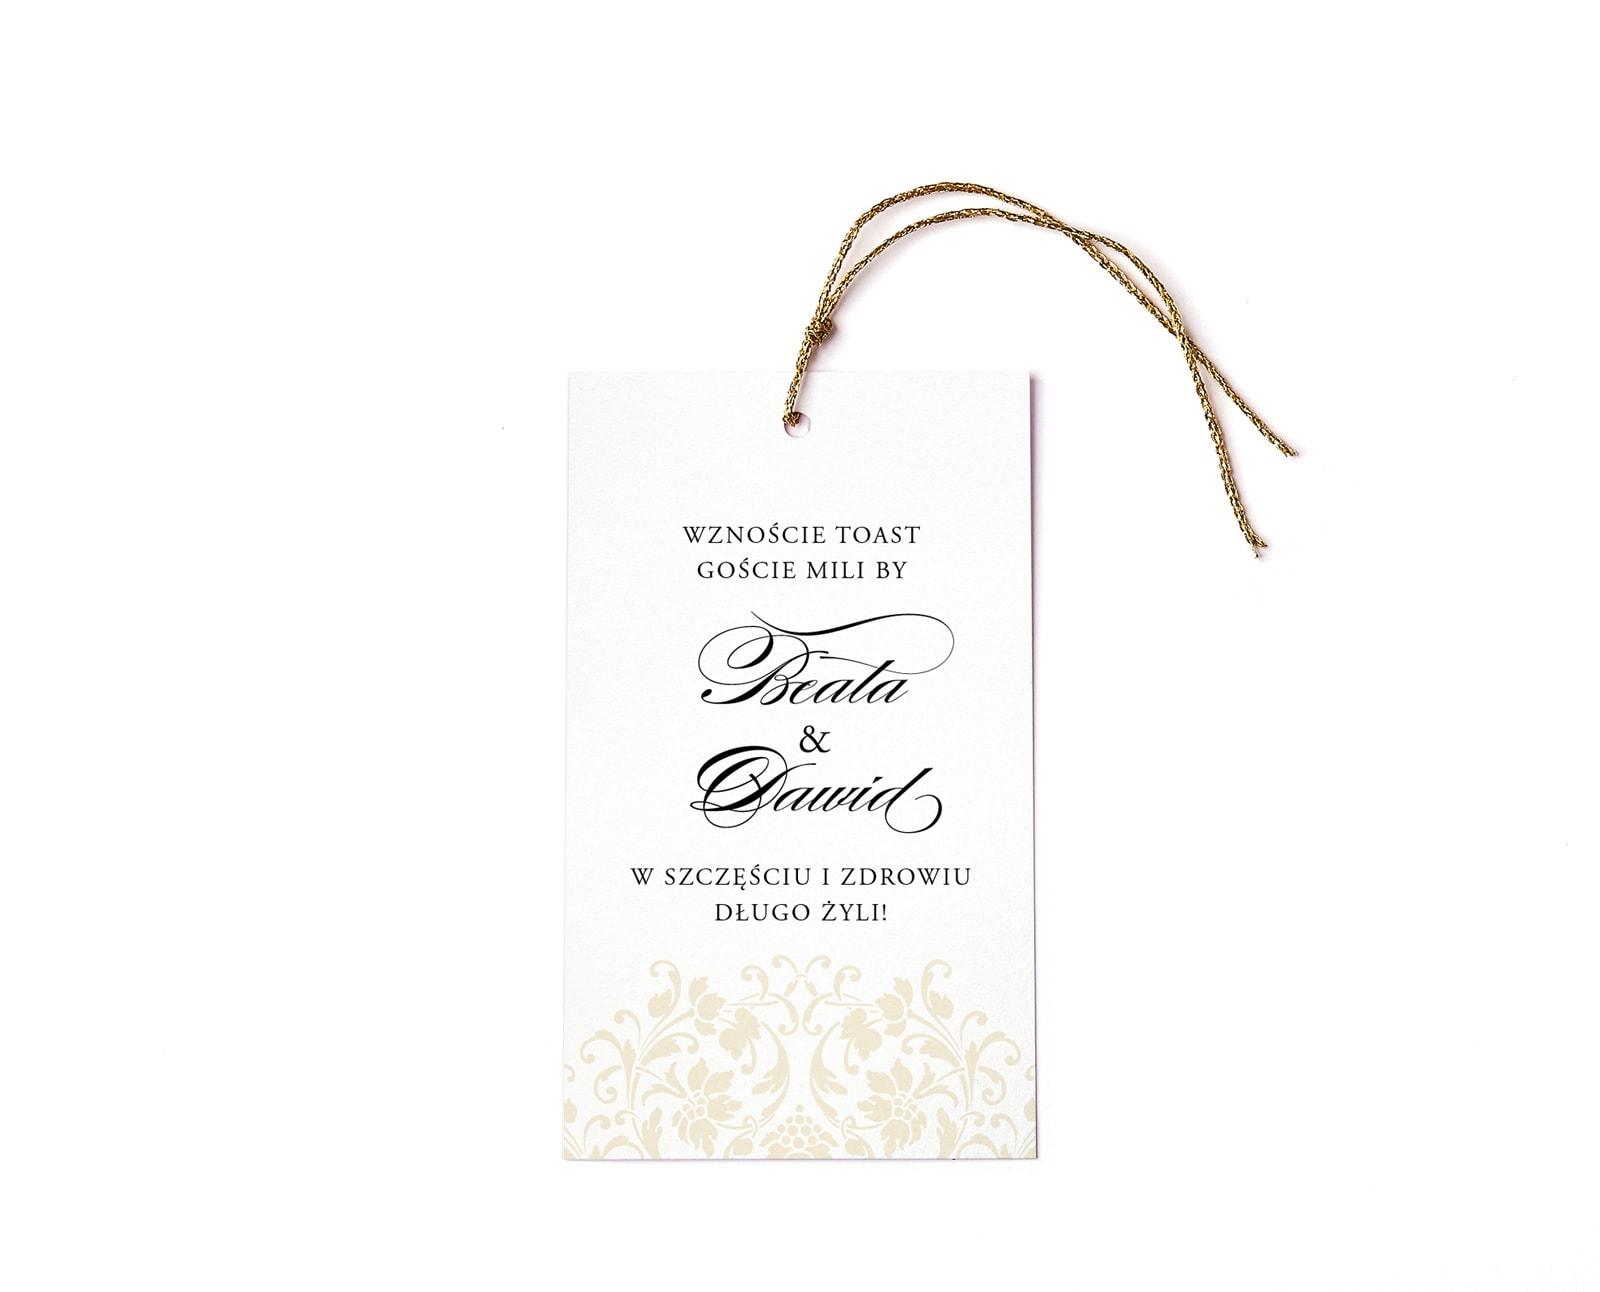 Zawieszki na sznureczku do powieszenia na butelce, eleganckie z ornamentami